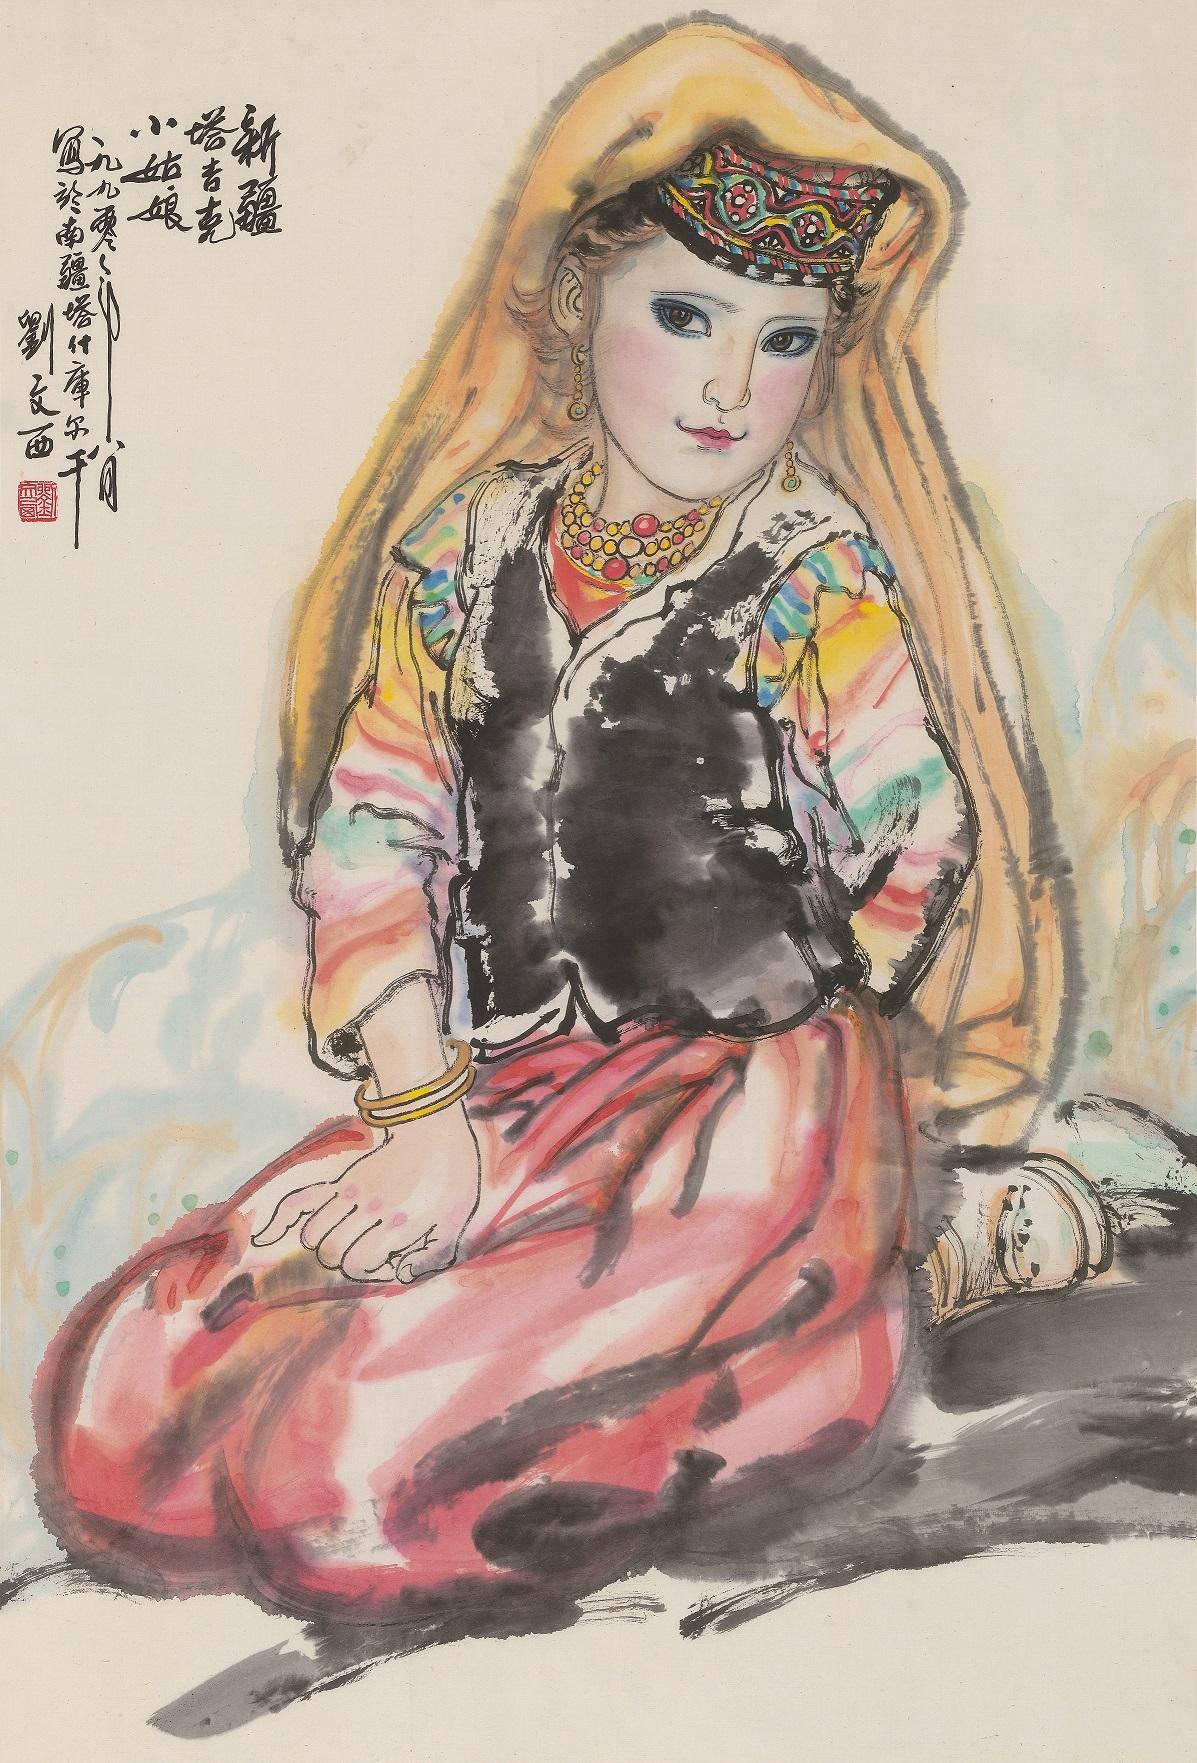 liu-wenxi-ritratto-di-ragazza-tajik-1990